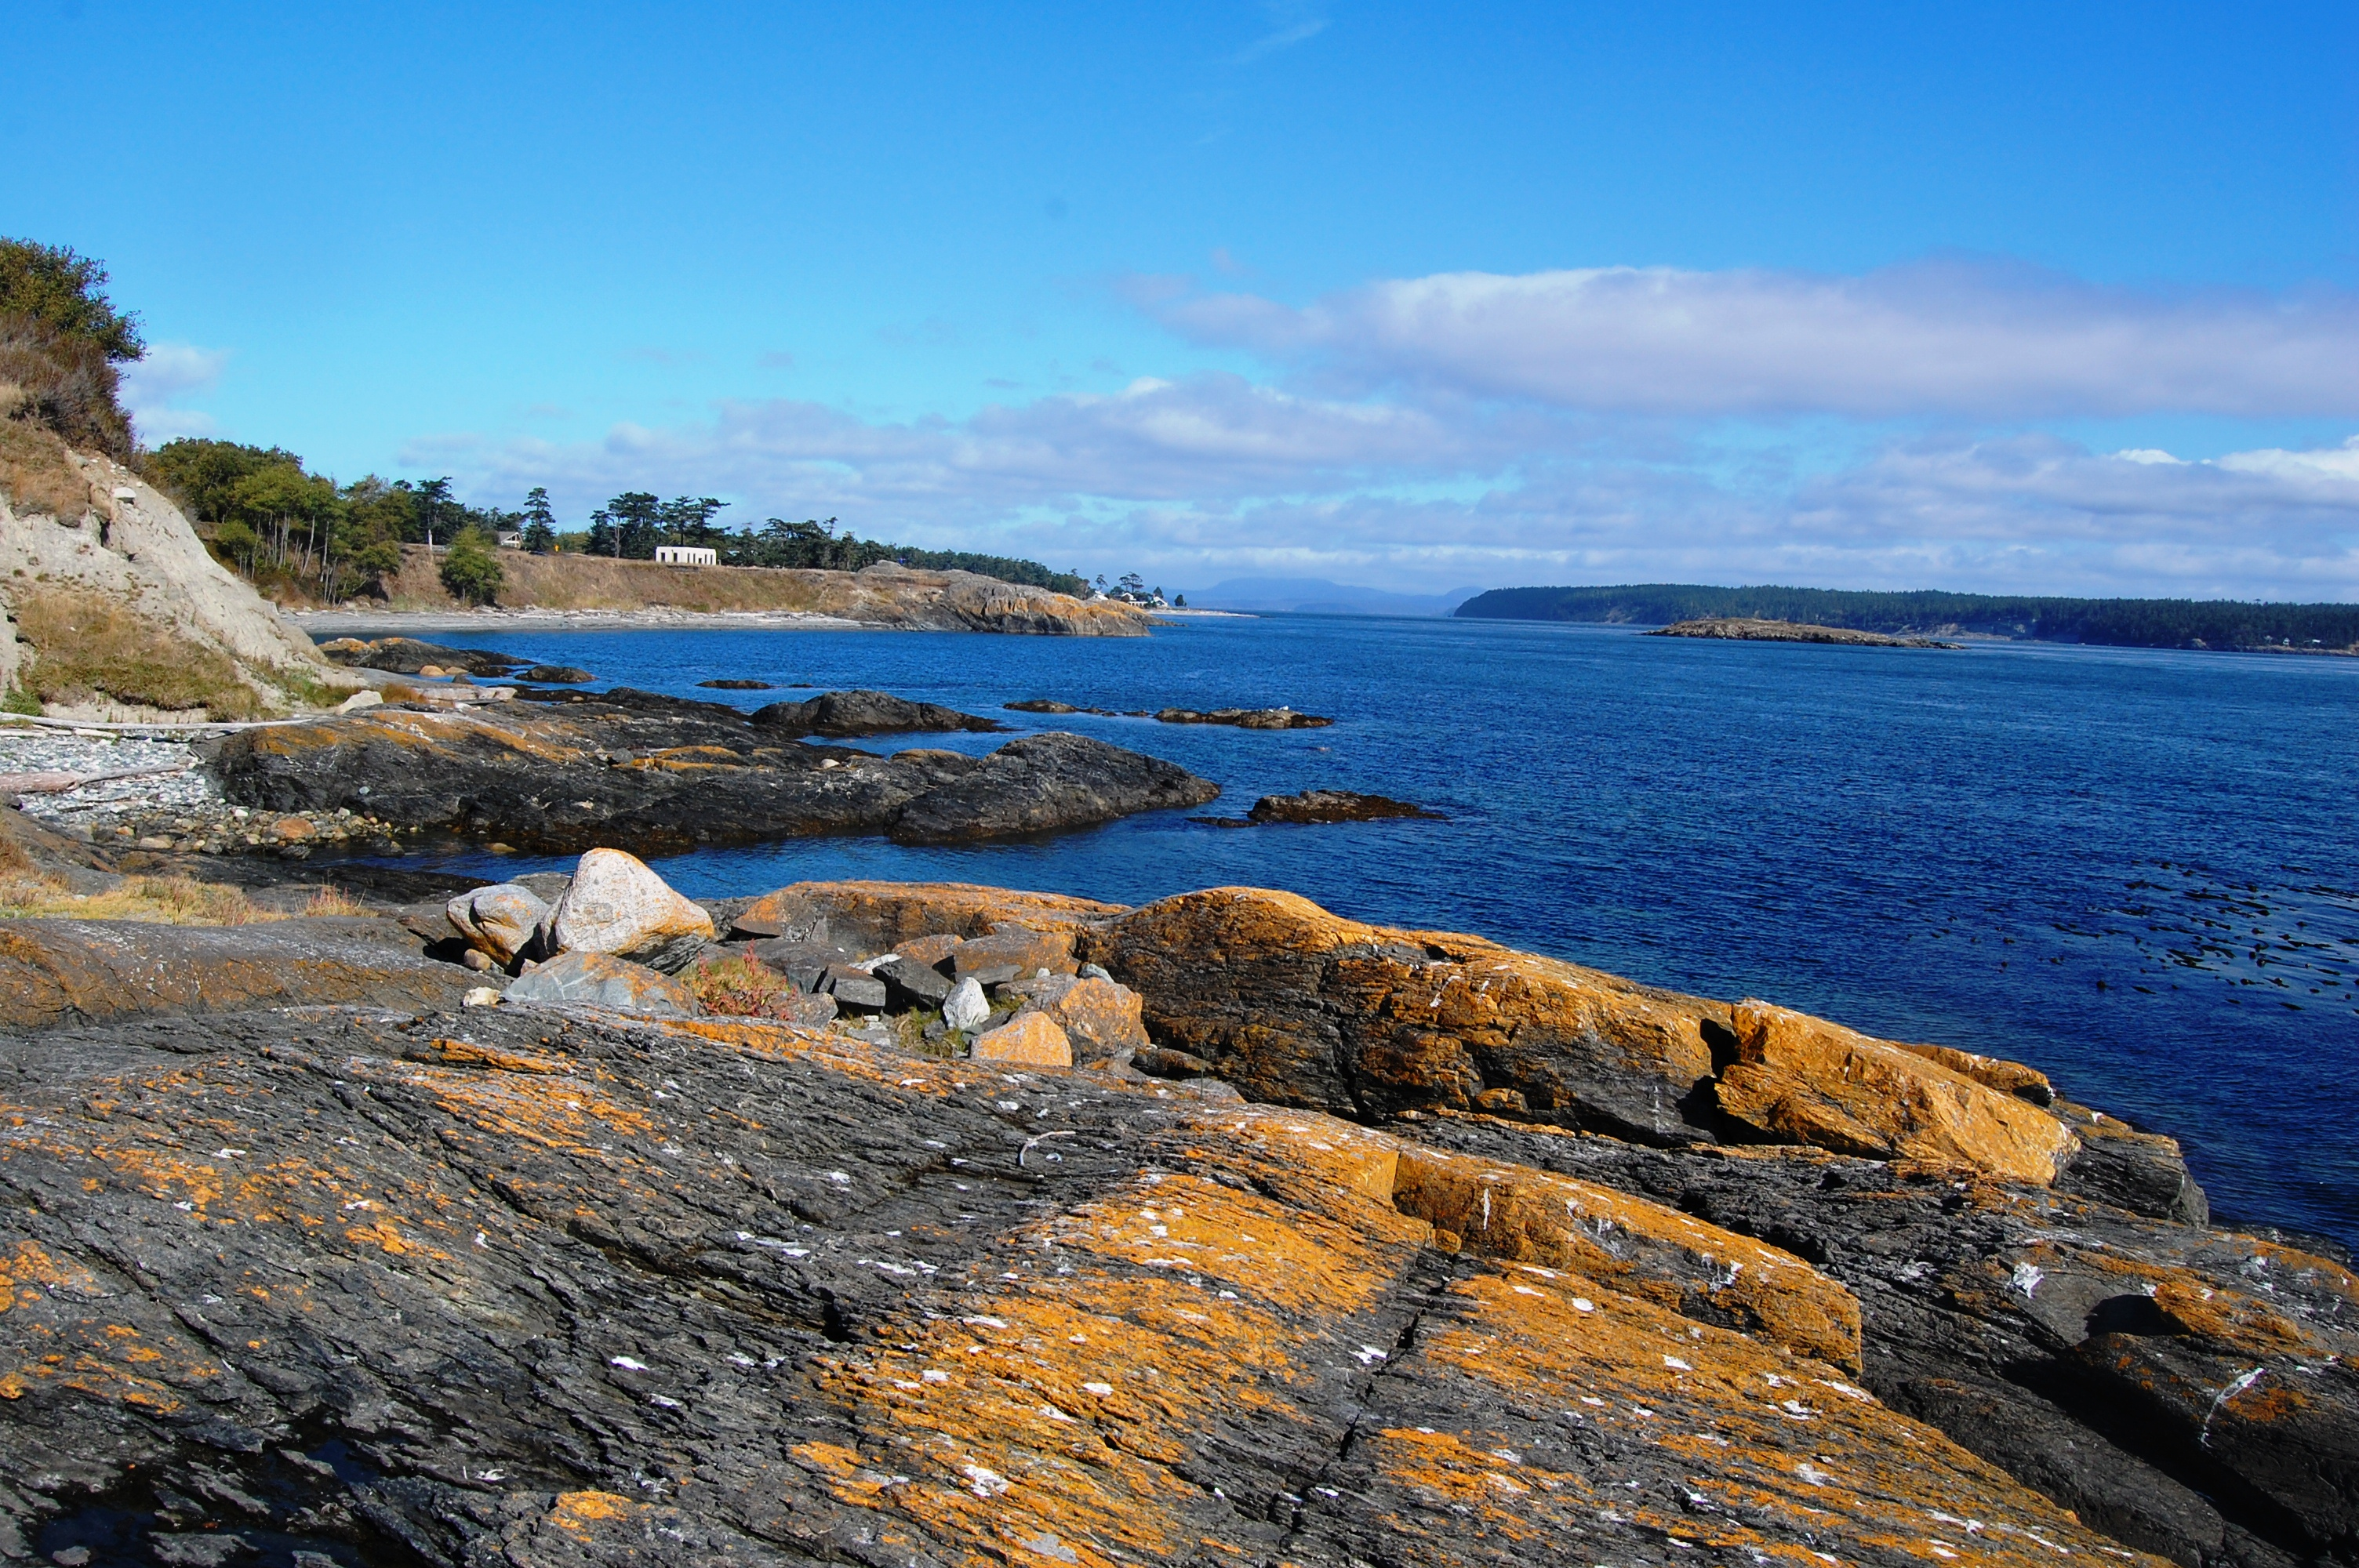 Yellow cliffs framing blue Ocean water